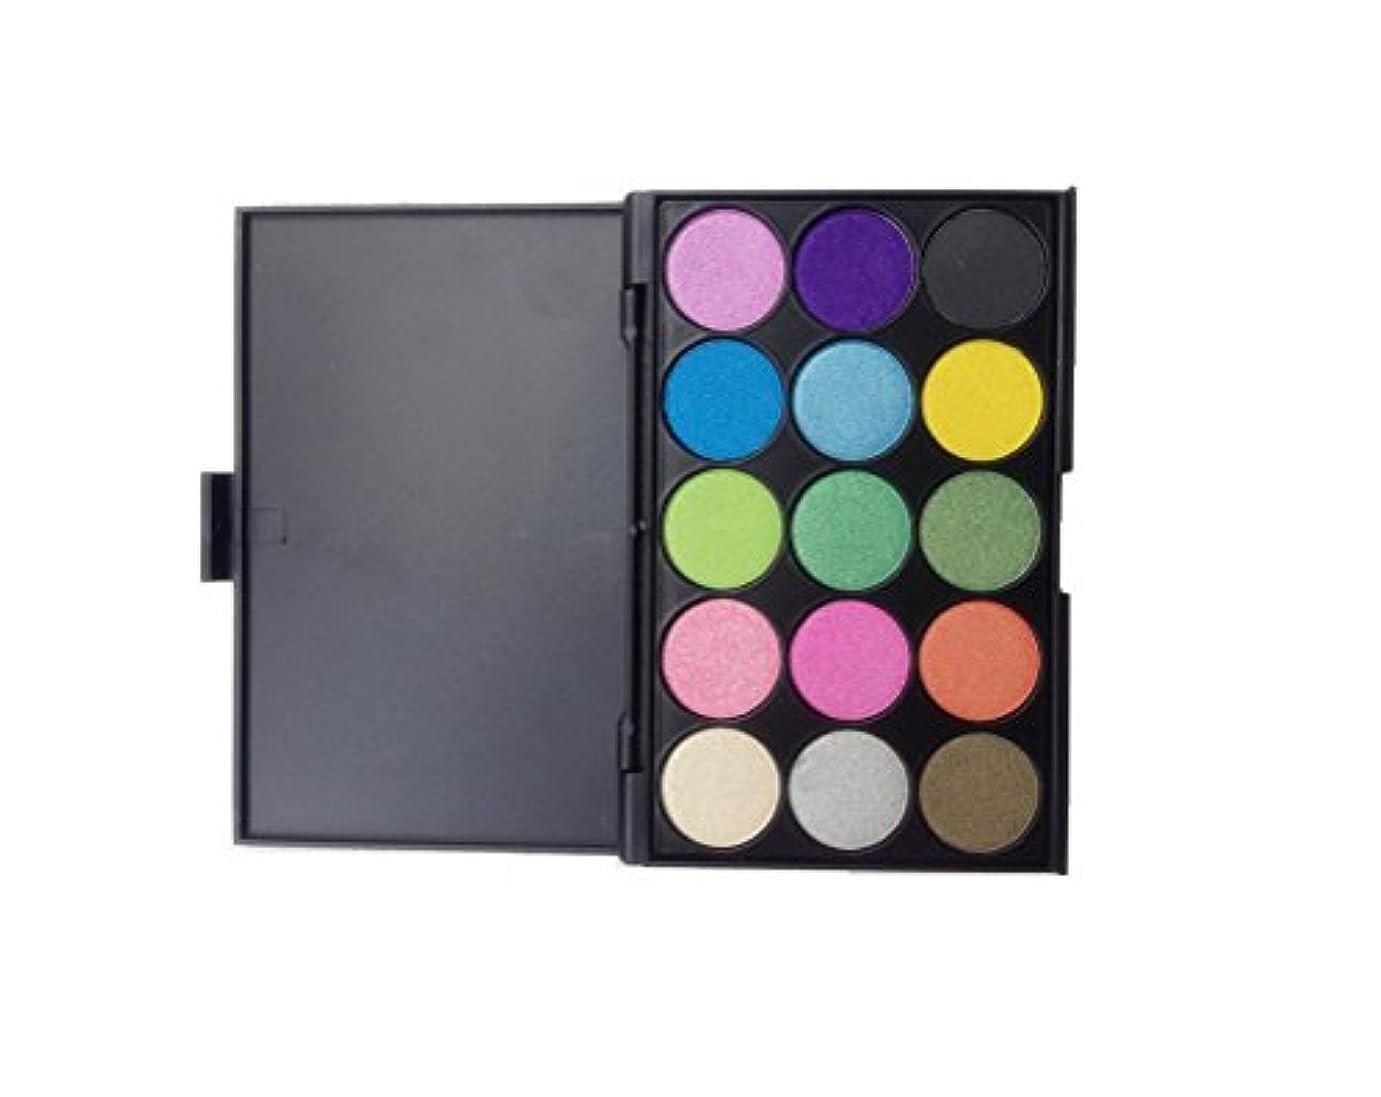 調整するメジャー市長MakeupAcc アイシャドウパレット 15色 パール マット 実用色 人気 コスメ (04) [並行輸入品]